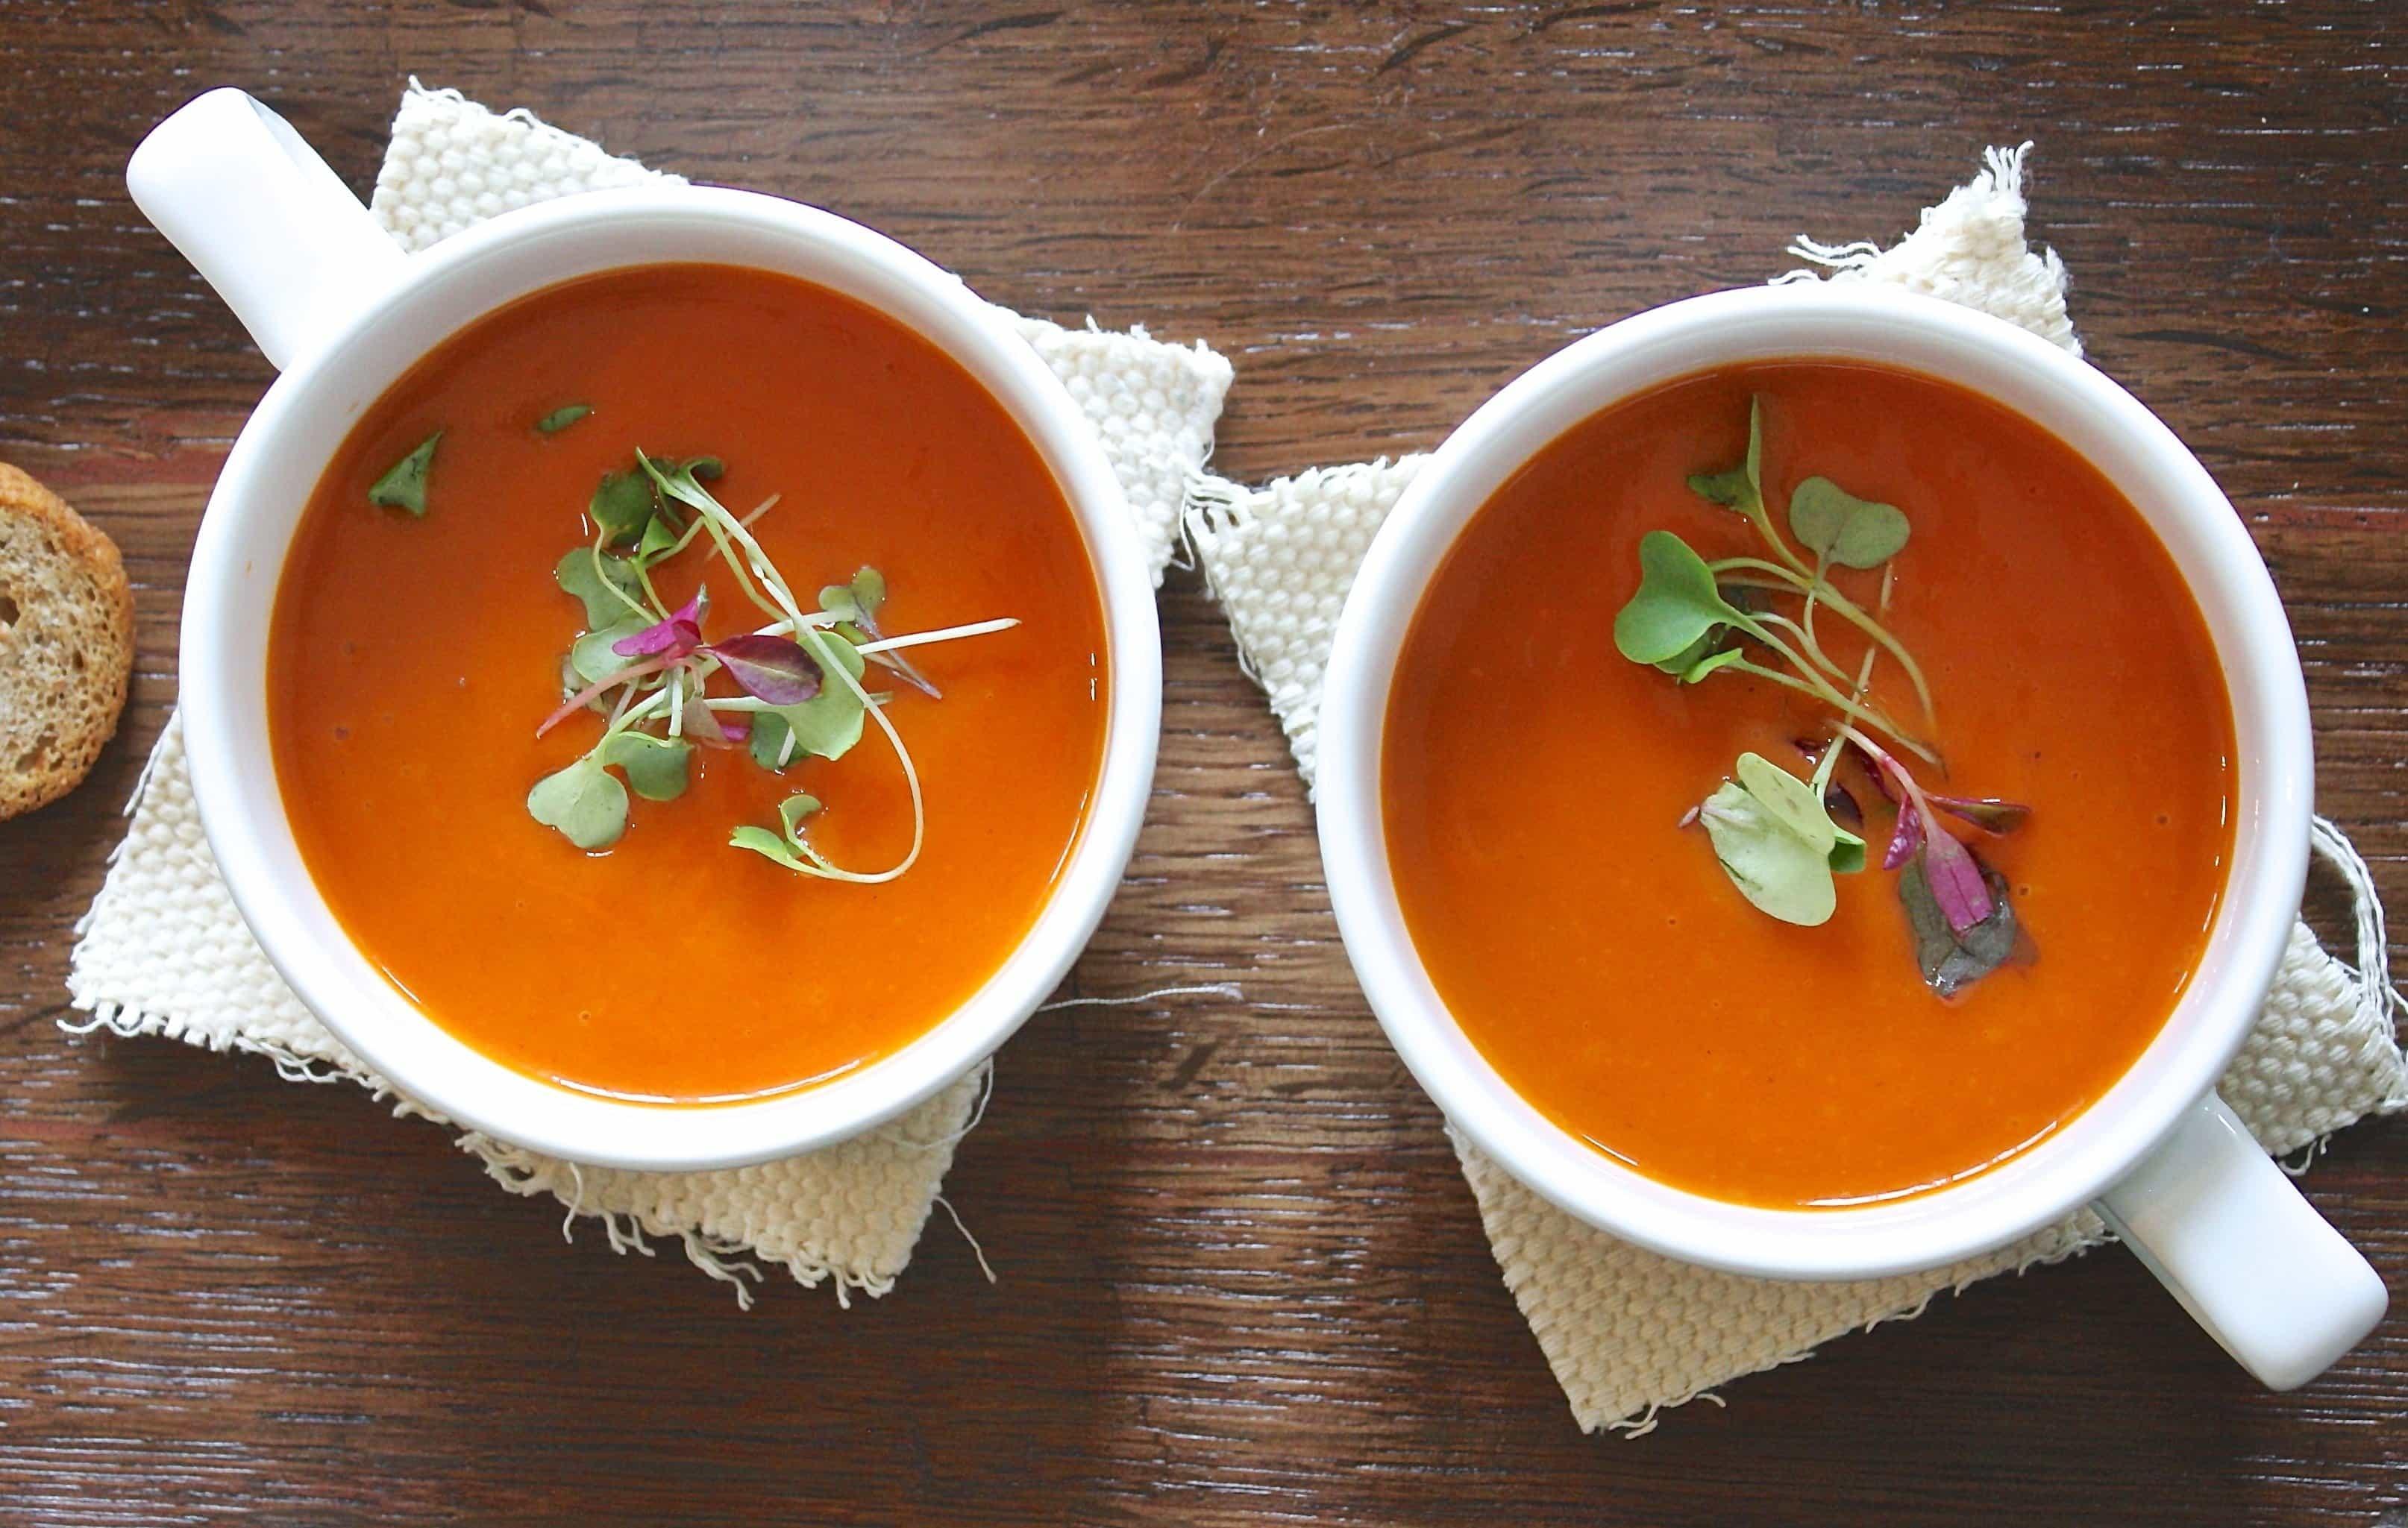 aromatnyy-sup-s-pechenymi-ovoshchami-i-rozmarinom-ot-pevicy-lilu-recept